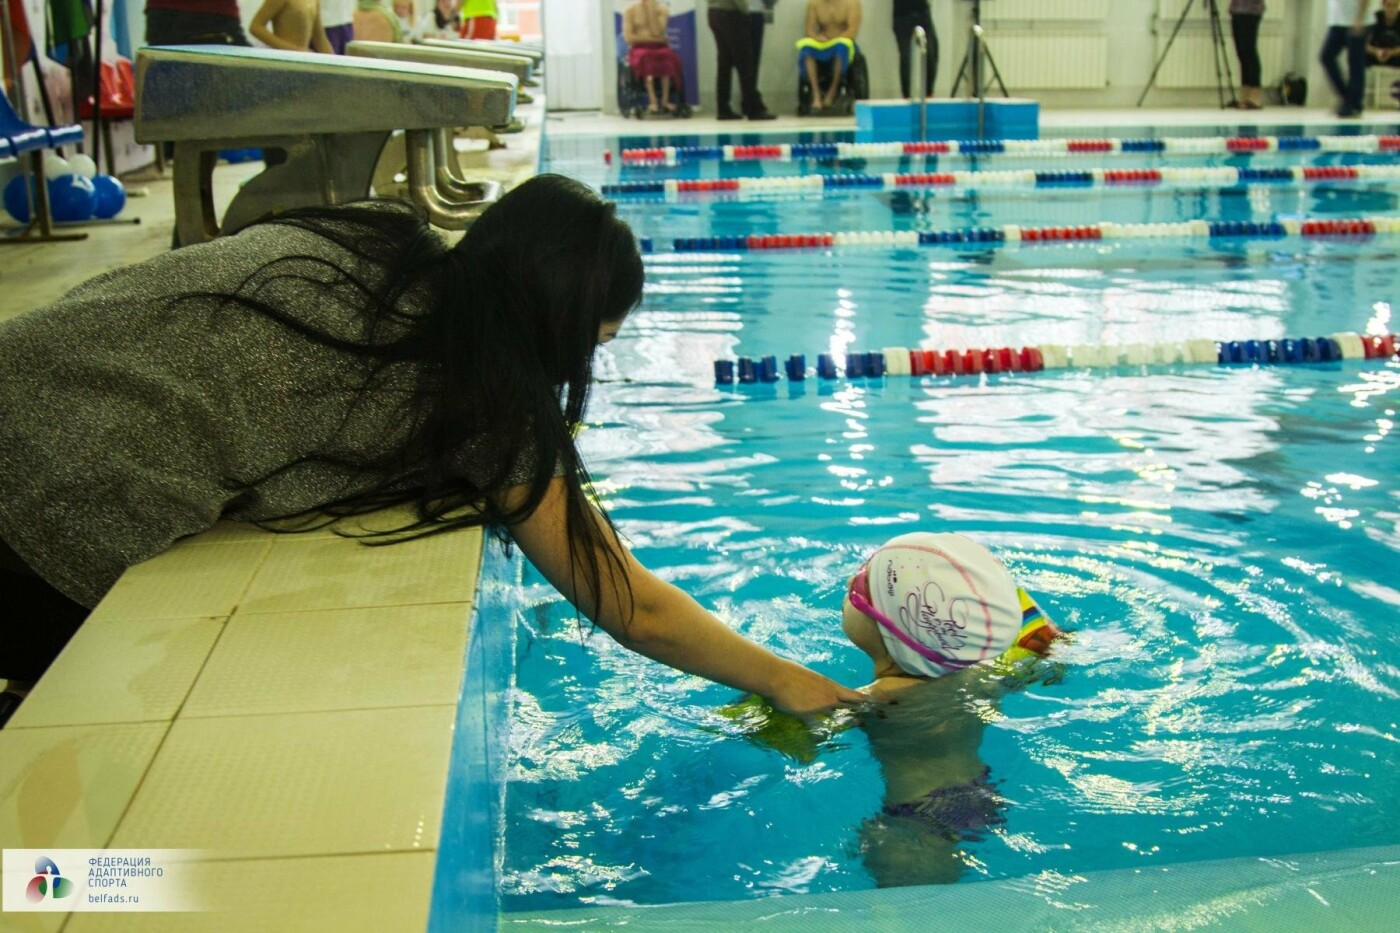 Предновогодний заплыв: члены Федерации адаптивного спорта провели соревнования по плаванию, фото-5